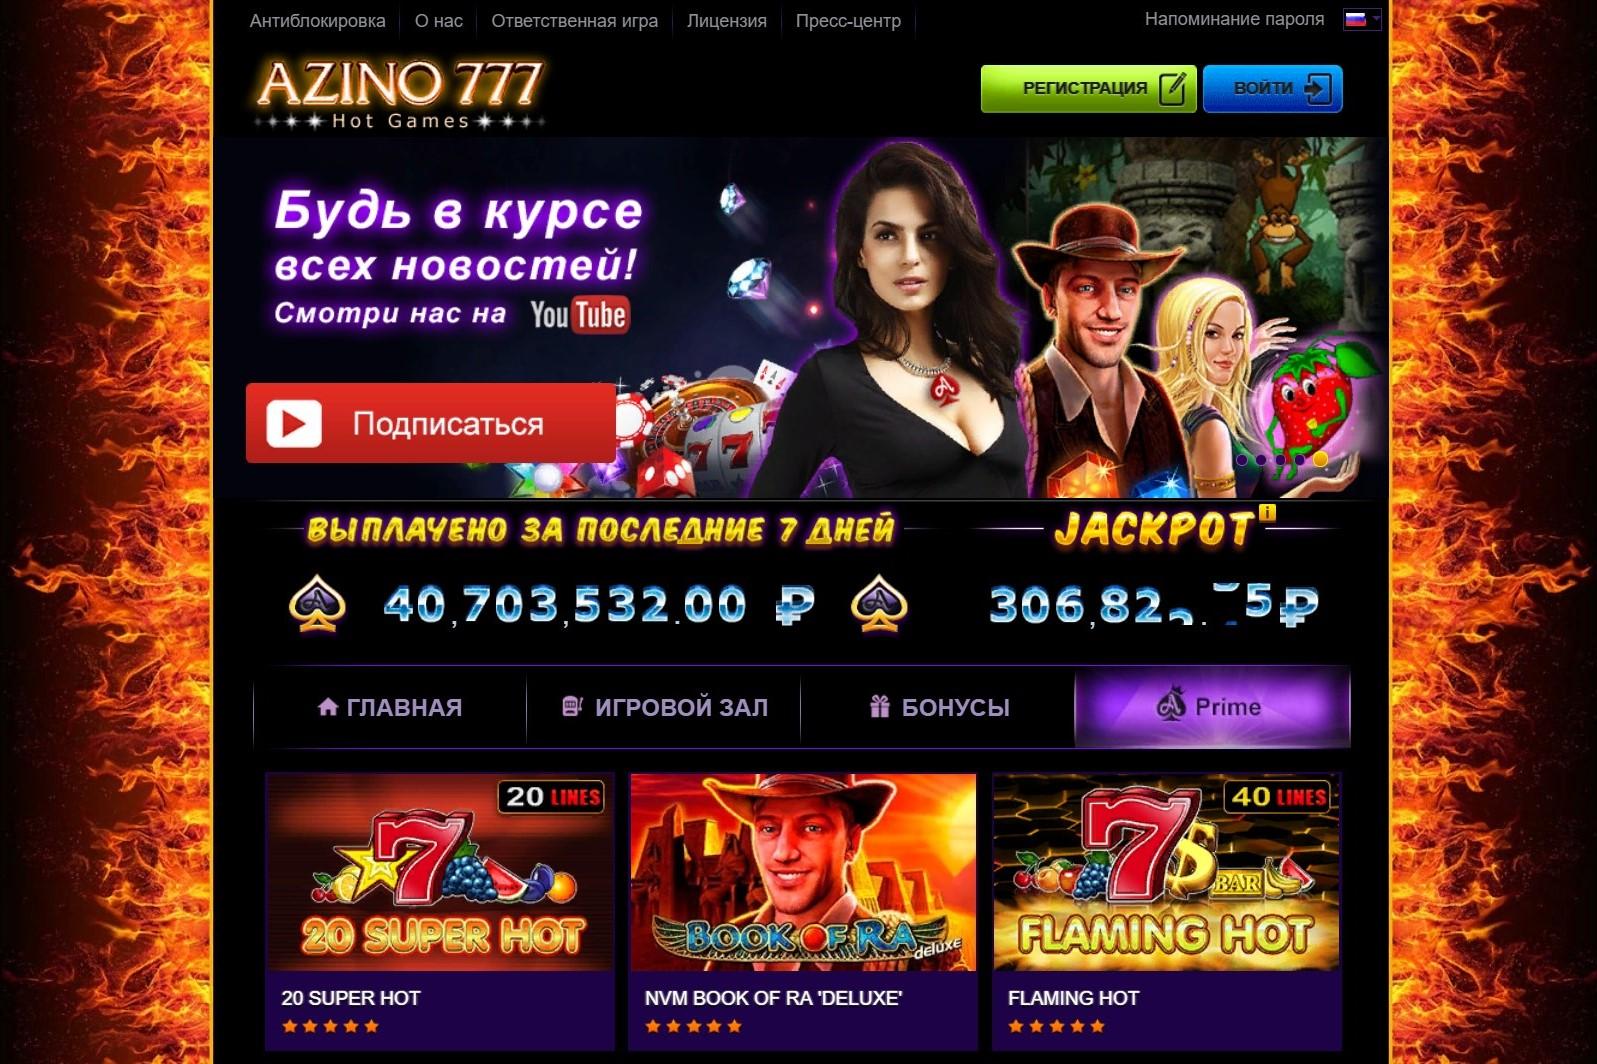 официальный сайт азино777 777 официальный